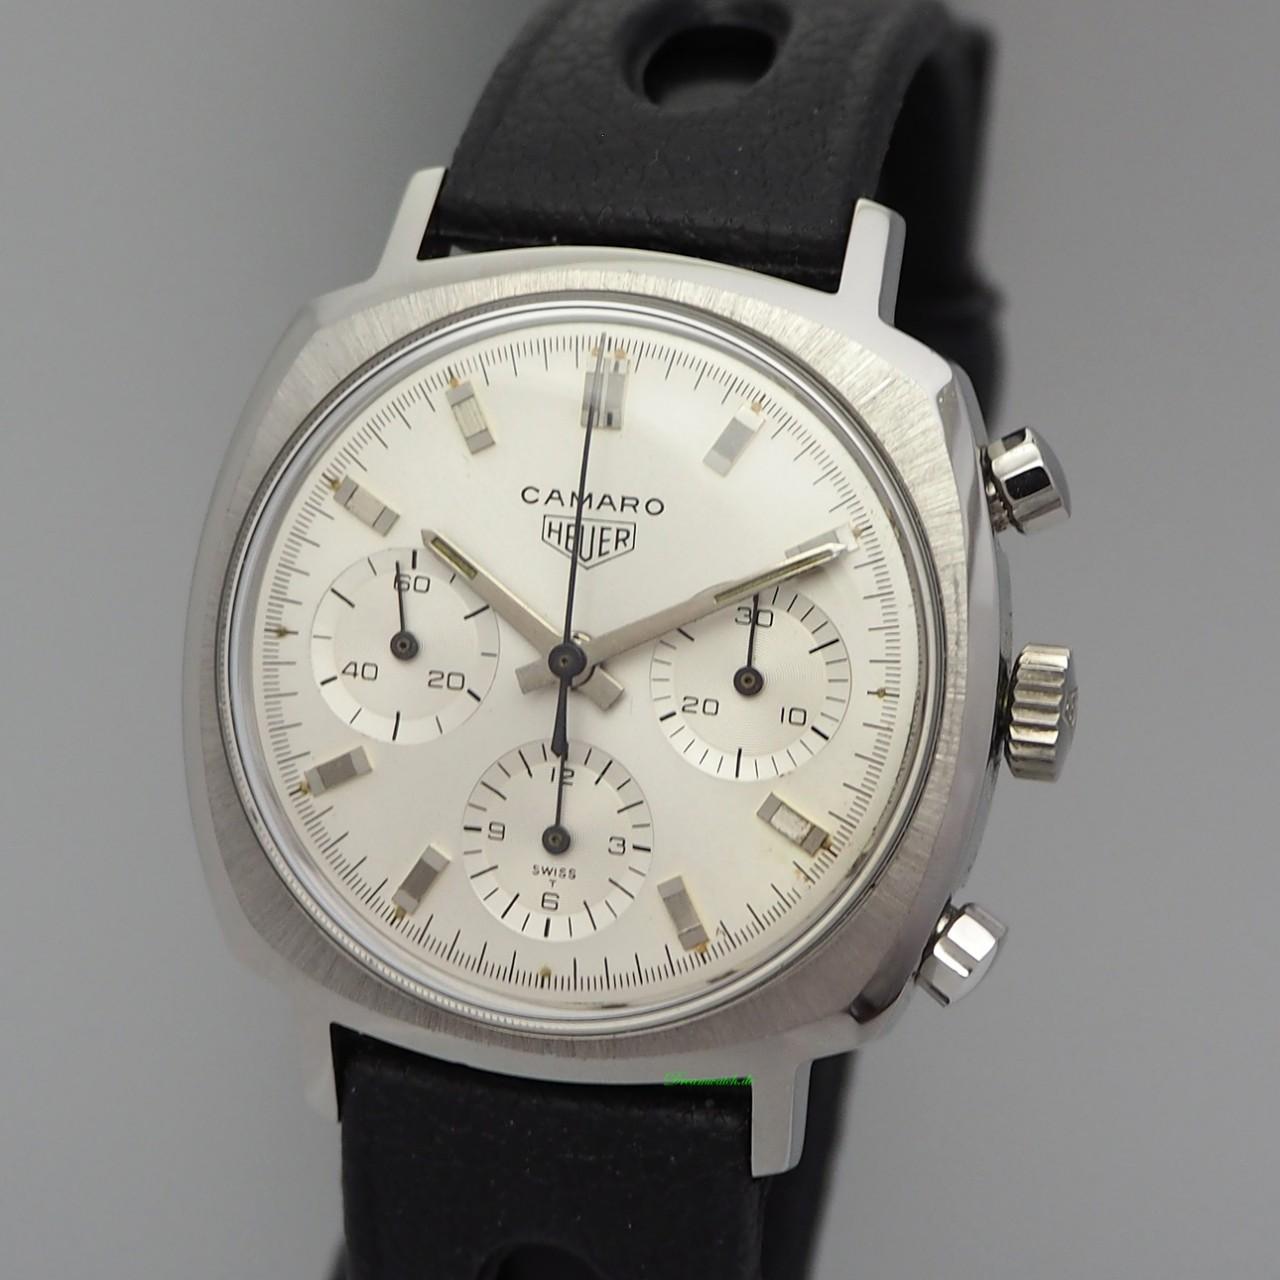 Heuer Camaro Vintage Chronograph 7220 ChronographValjoux 72